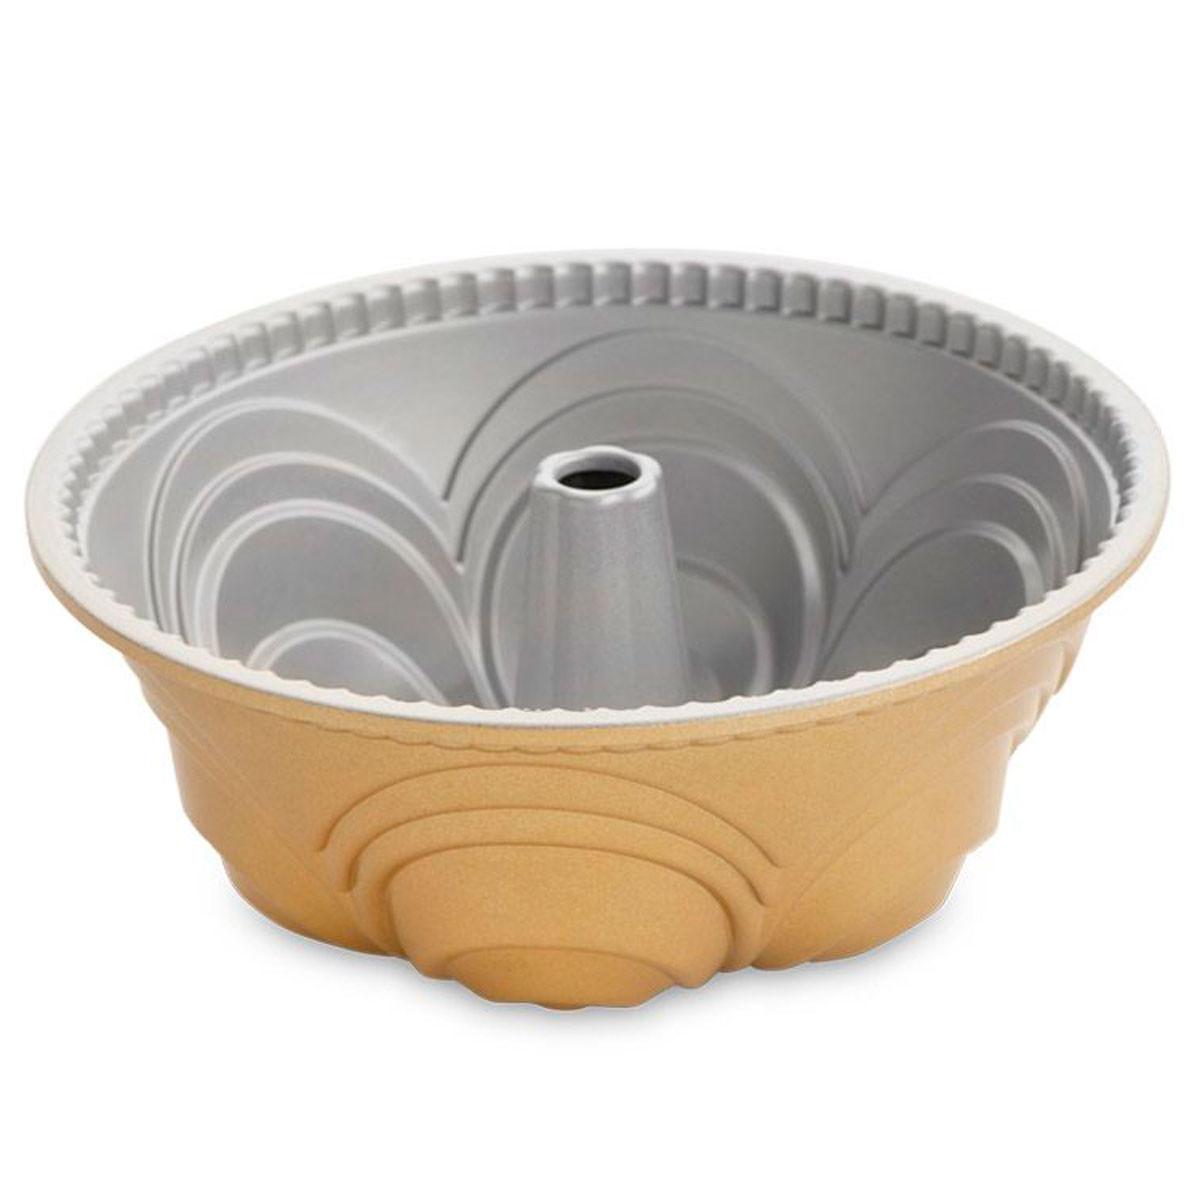 Forma Para Bolo Nordic Ware Chiffon Pan Original USA